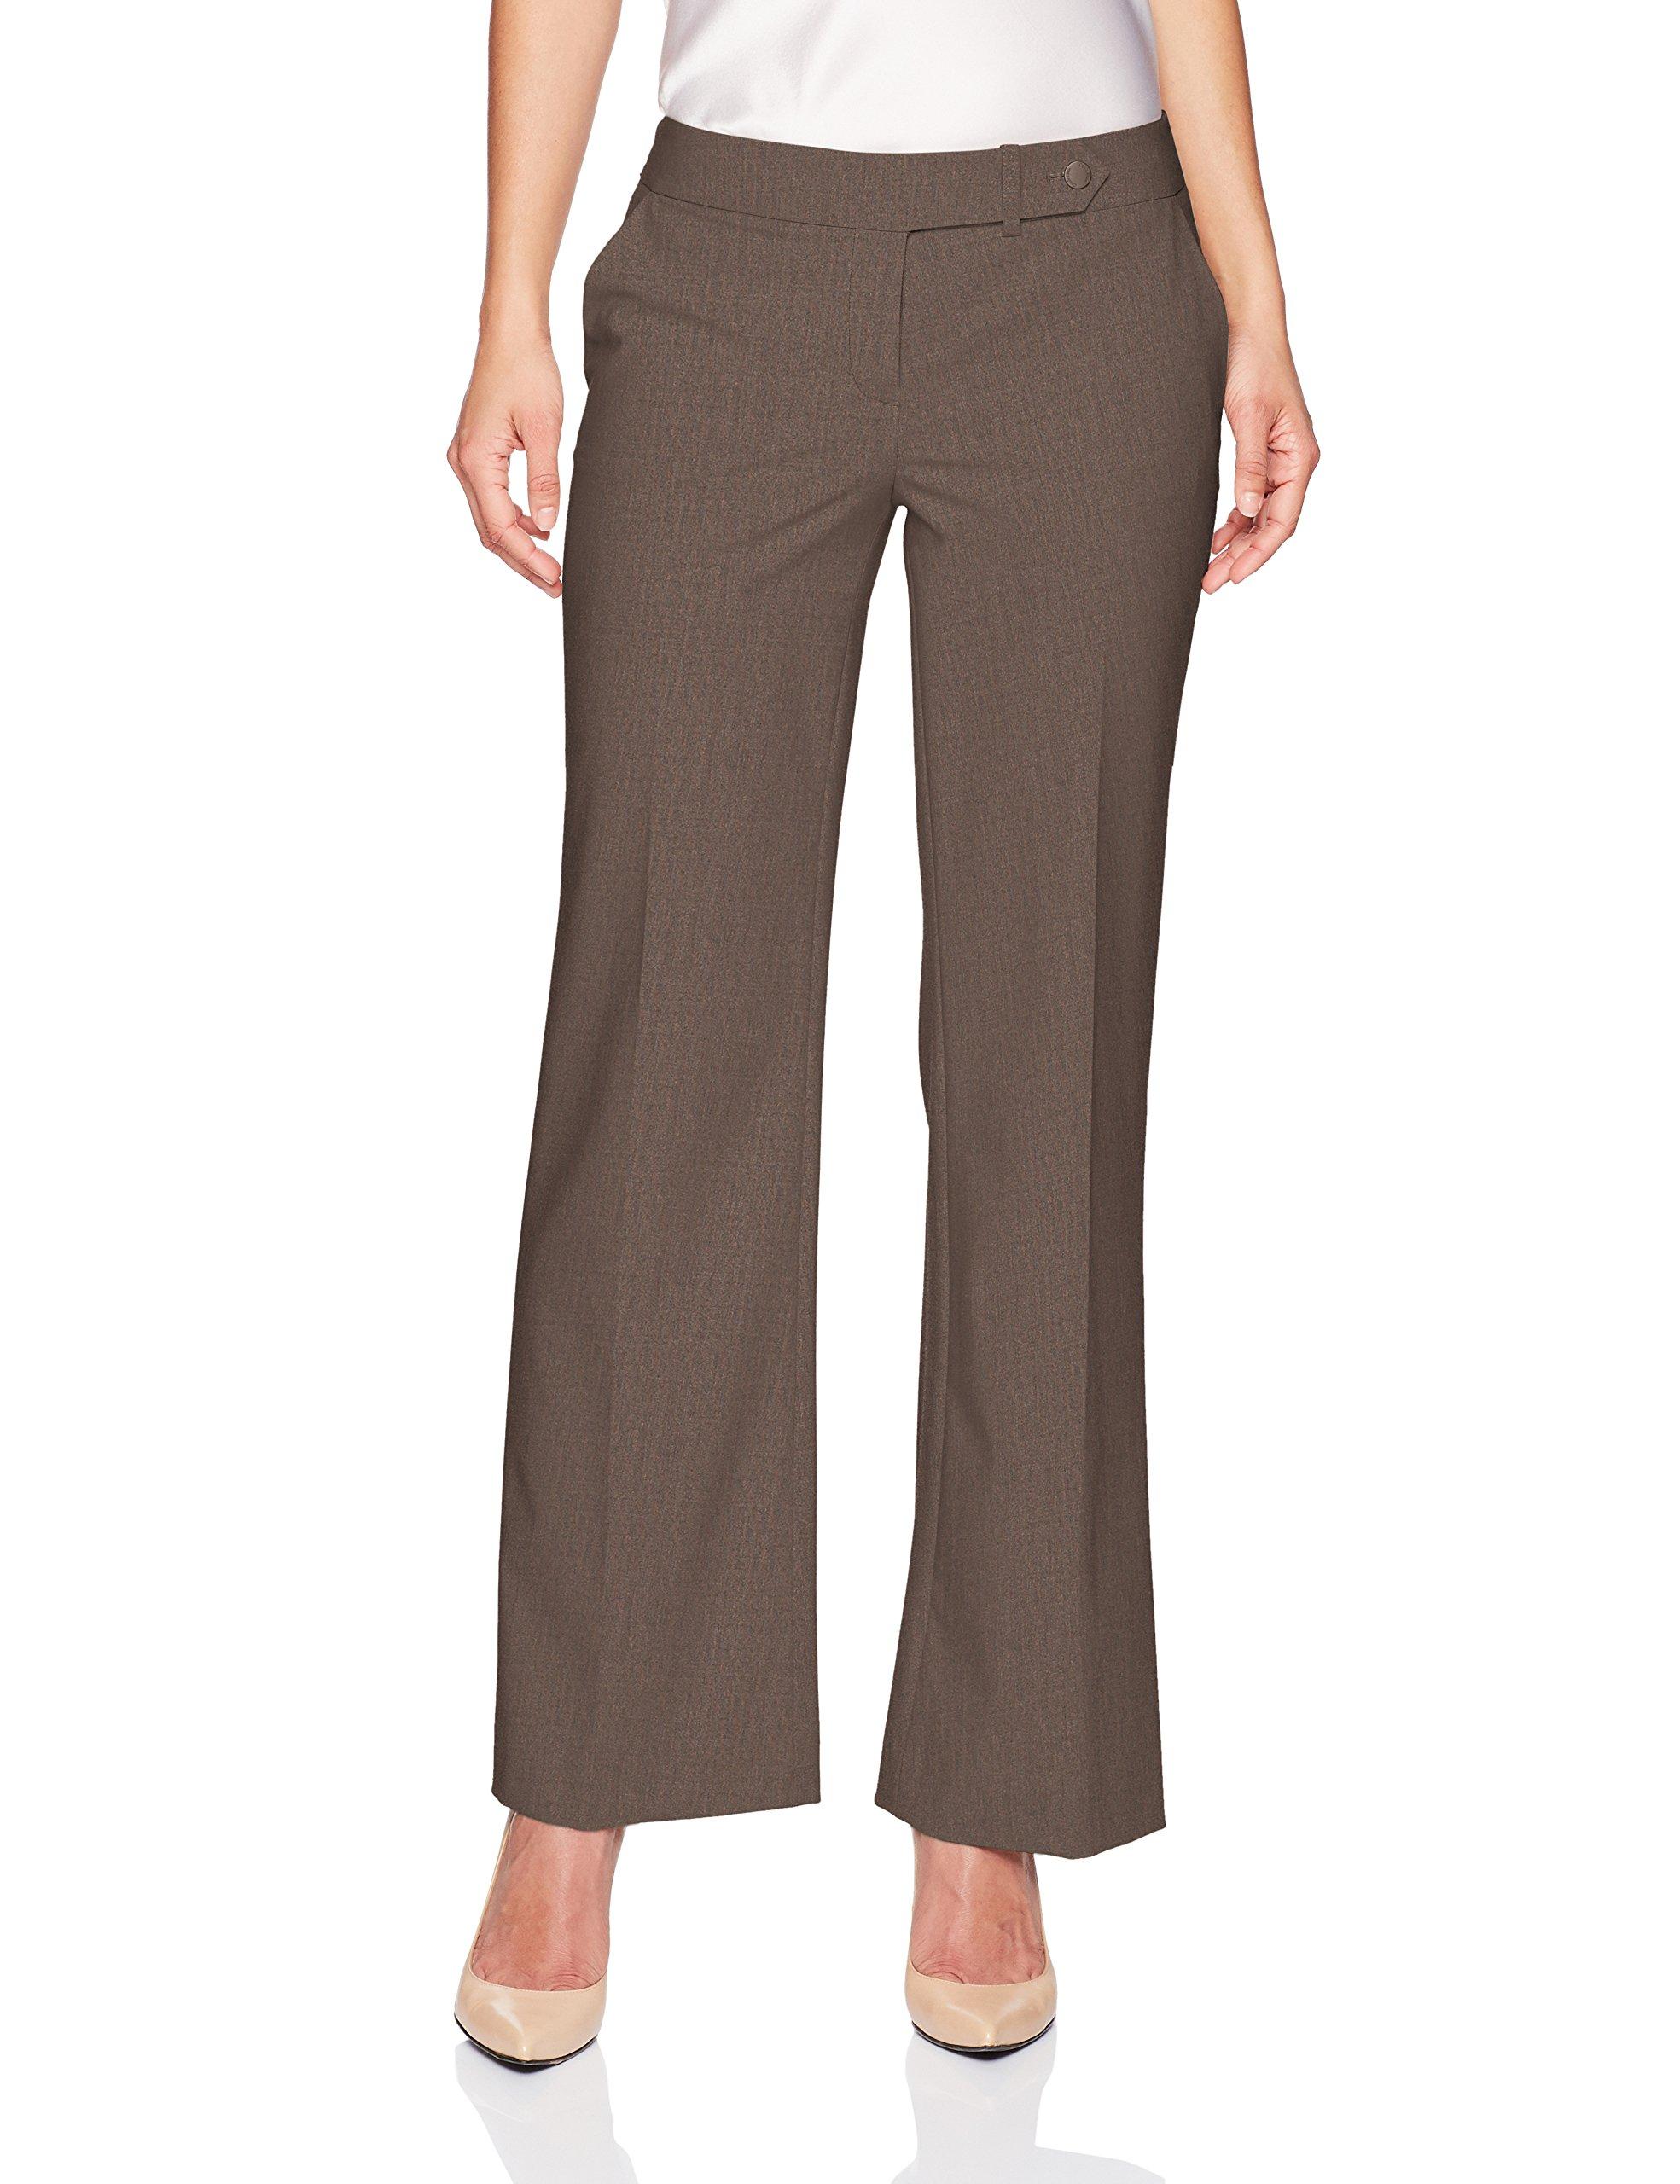 Calvin Klein Women's Petite Classic Fit Lux Pant